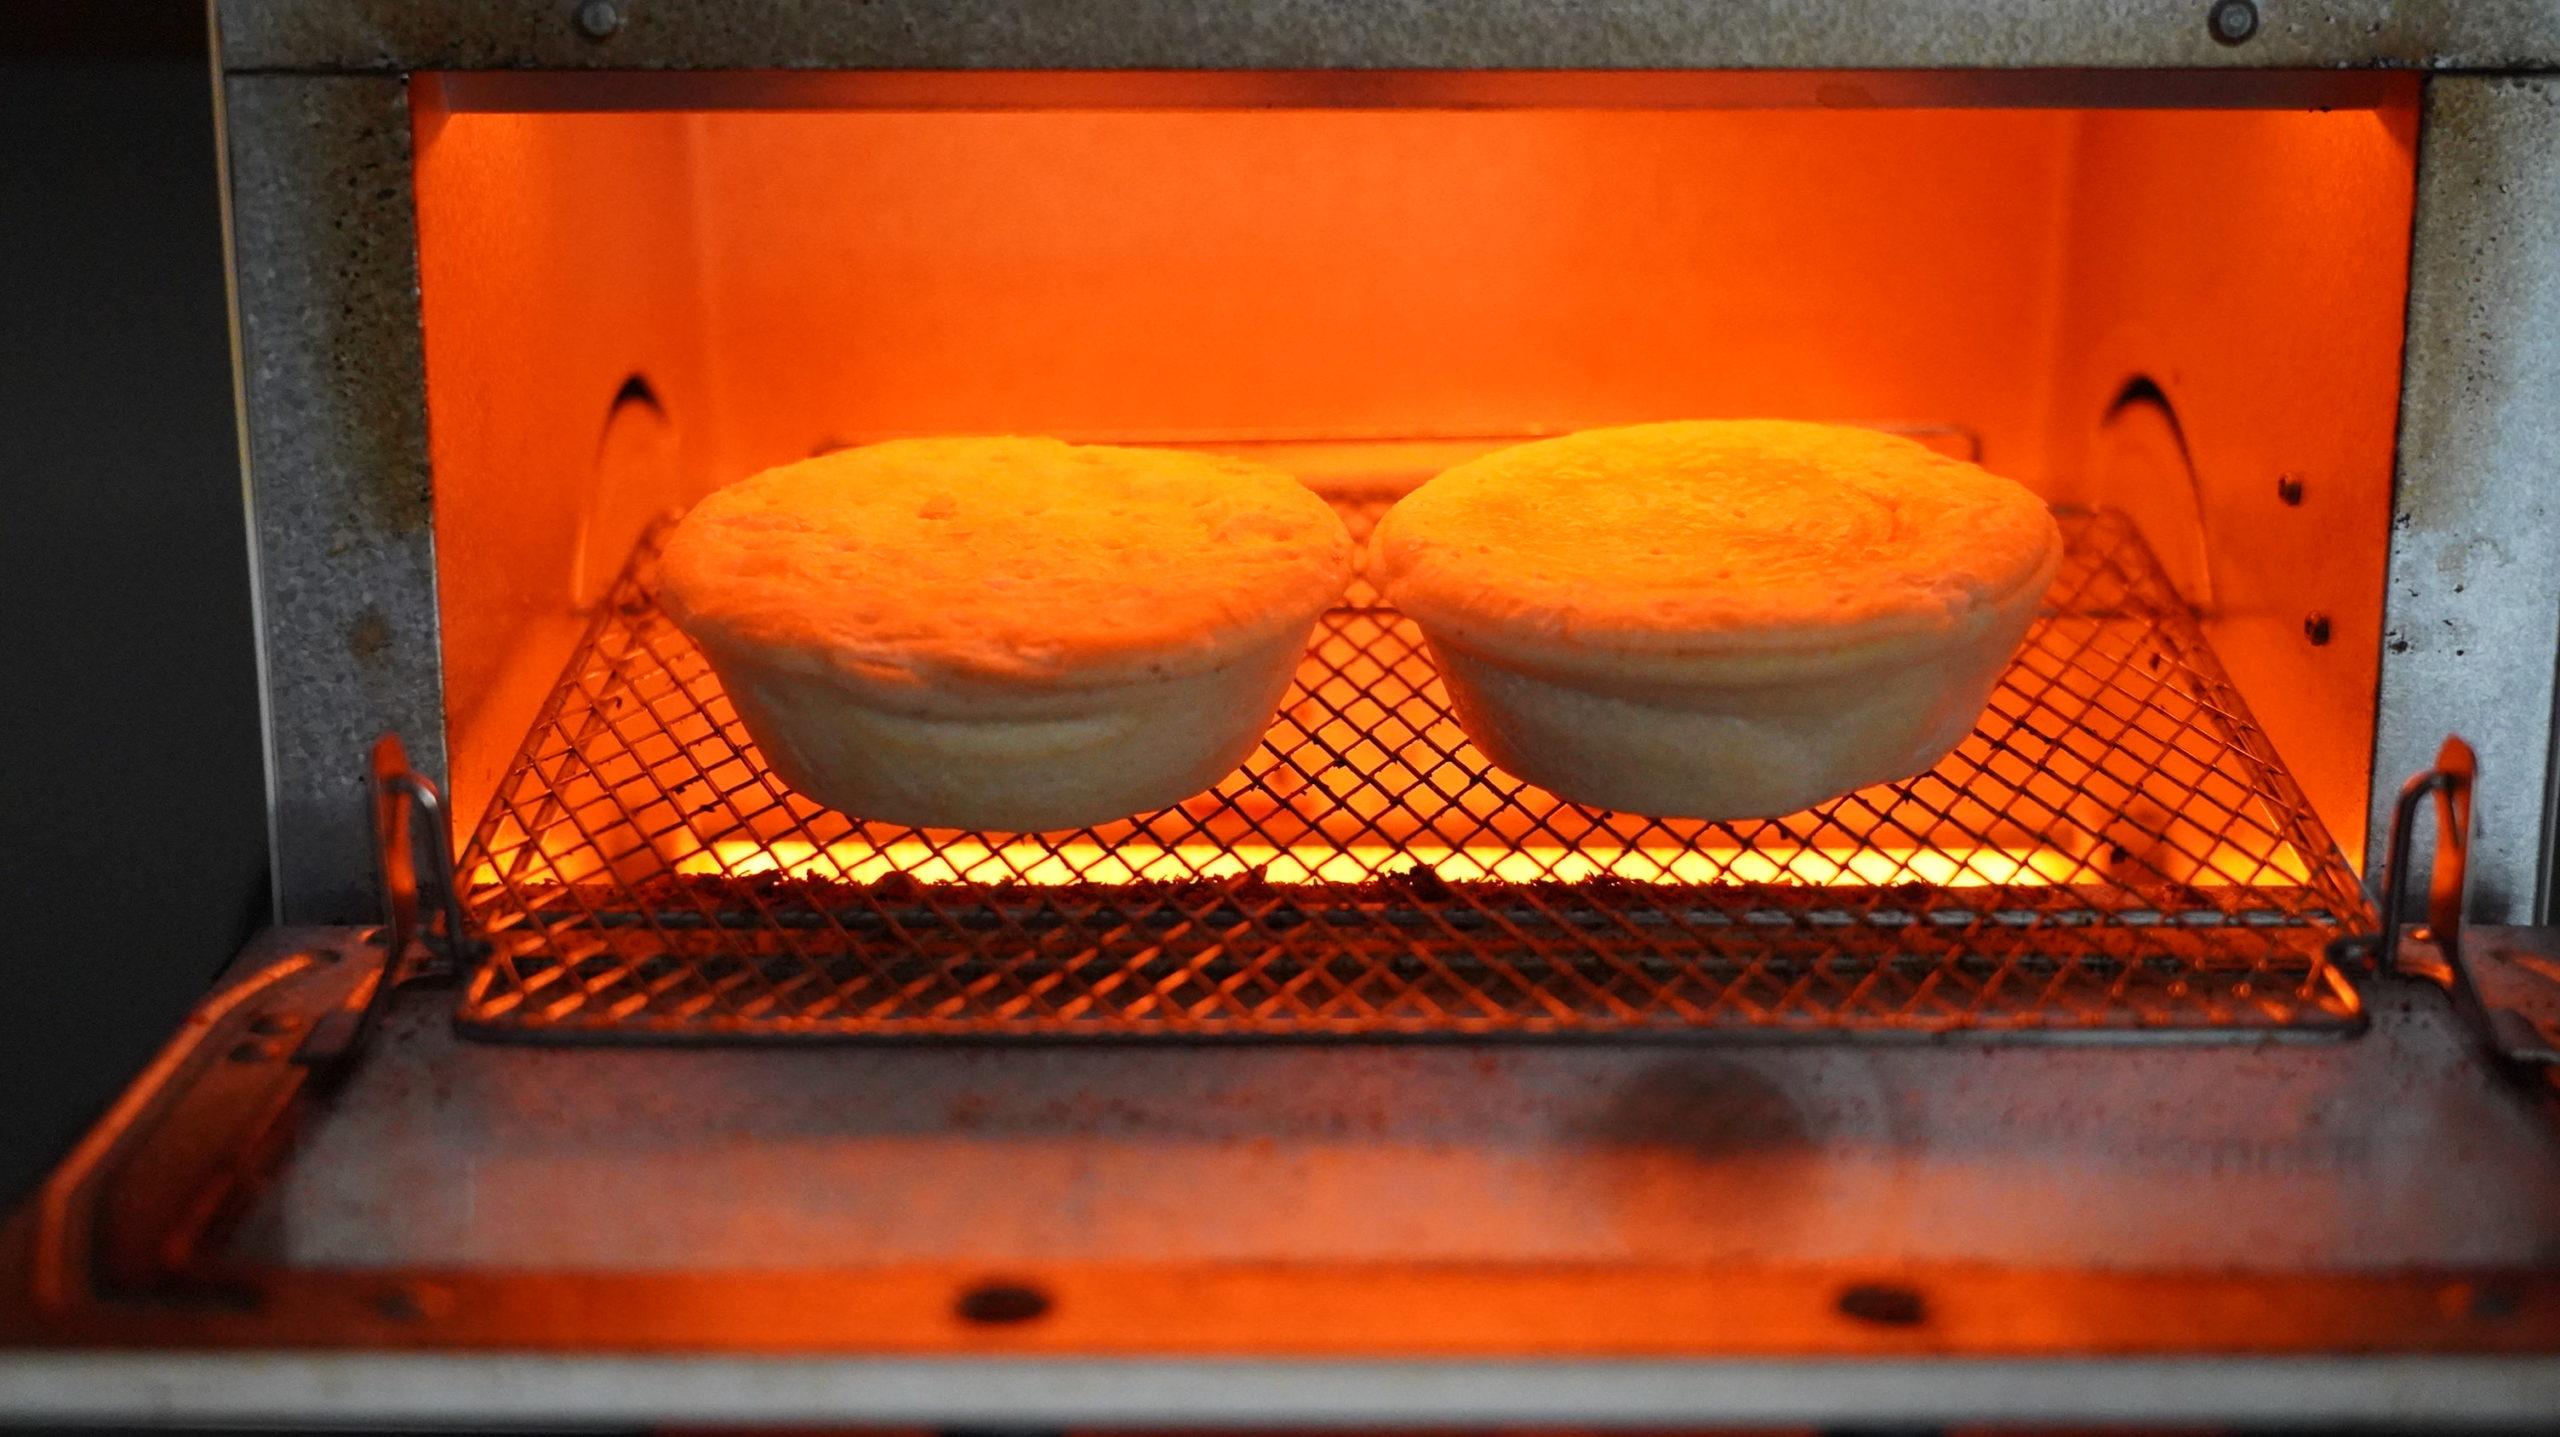 コストコの冷凍食品「アンガスビーフパイ」をオーブンで加熱している写真